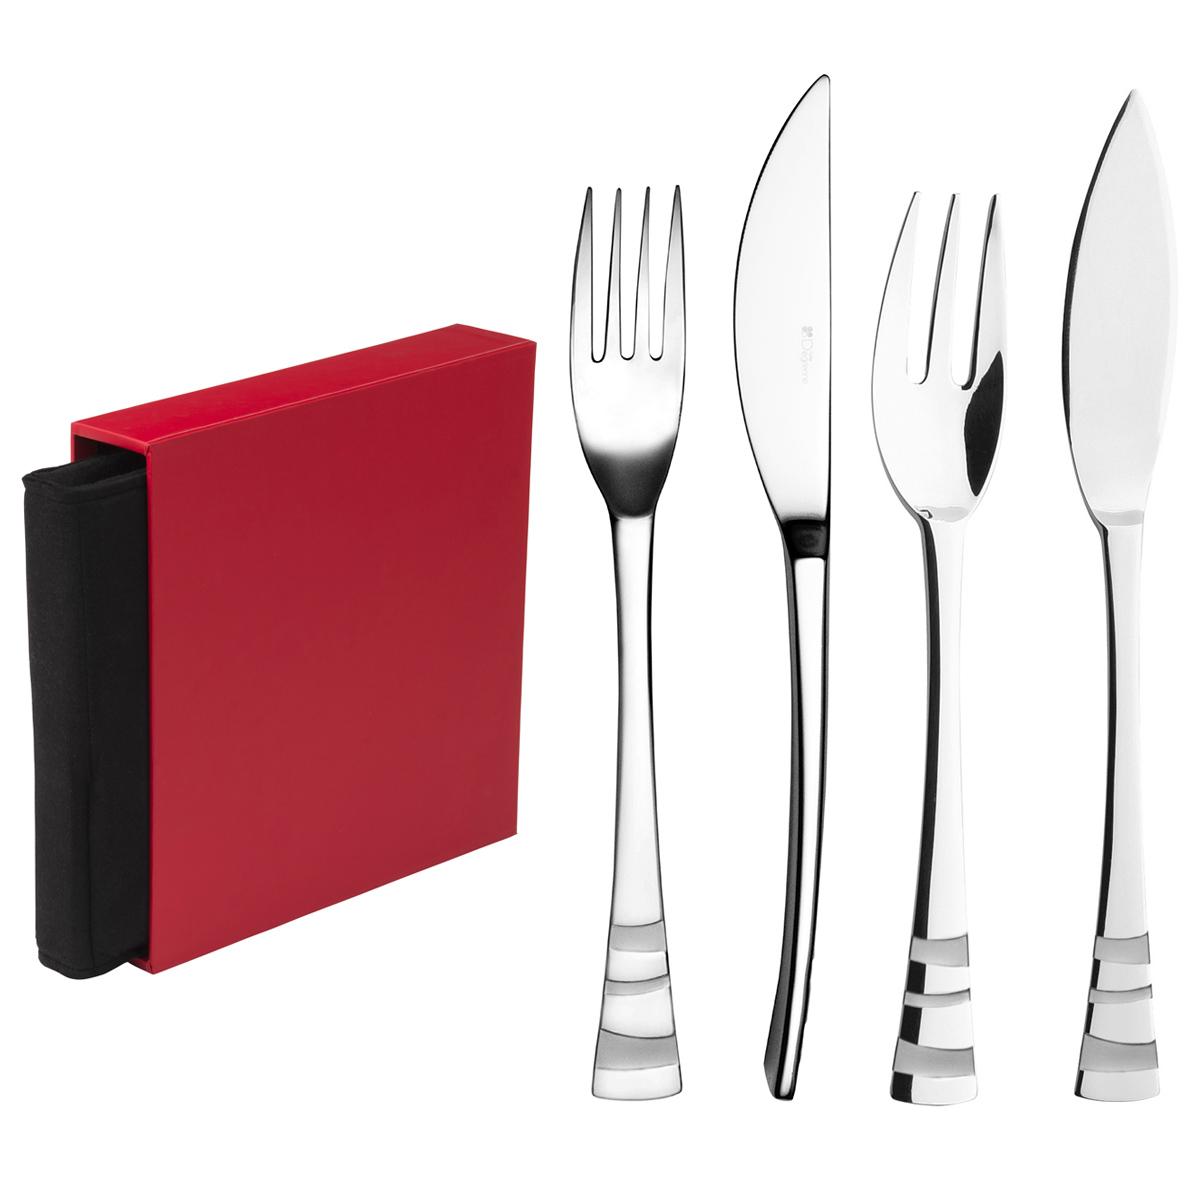 guest star miroir module 24 pieces entree poisson anthologie m nag res la table parisienne. Black Bedroom Furniture Sets. Home Design Ideas